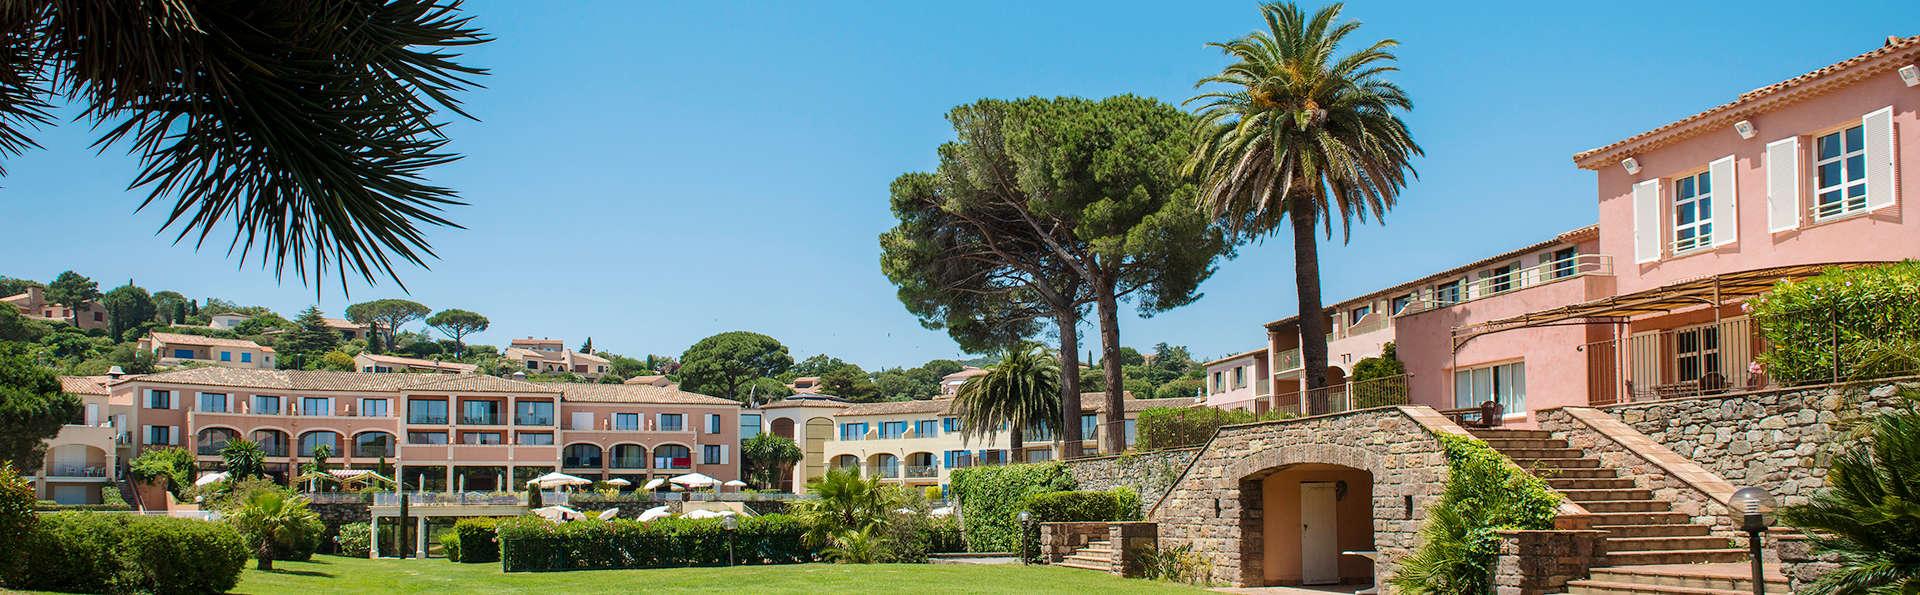 Week-end détente en famille à Sainte-Maxime